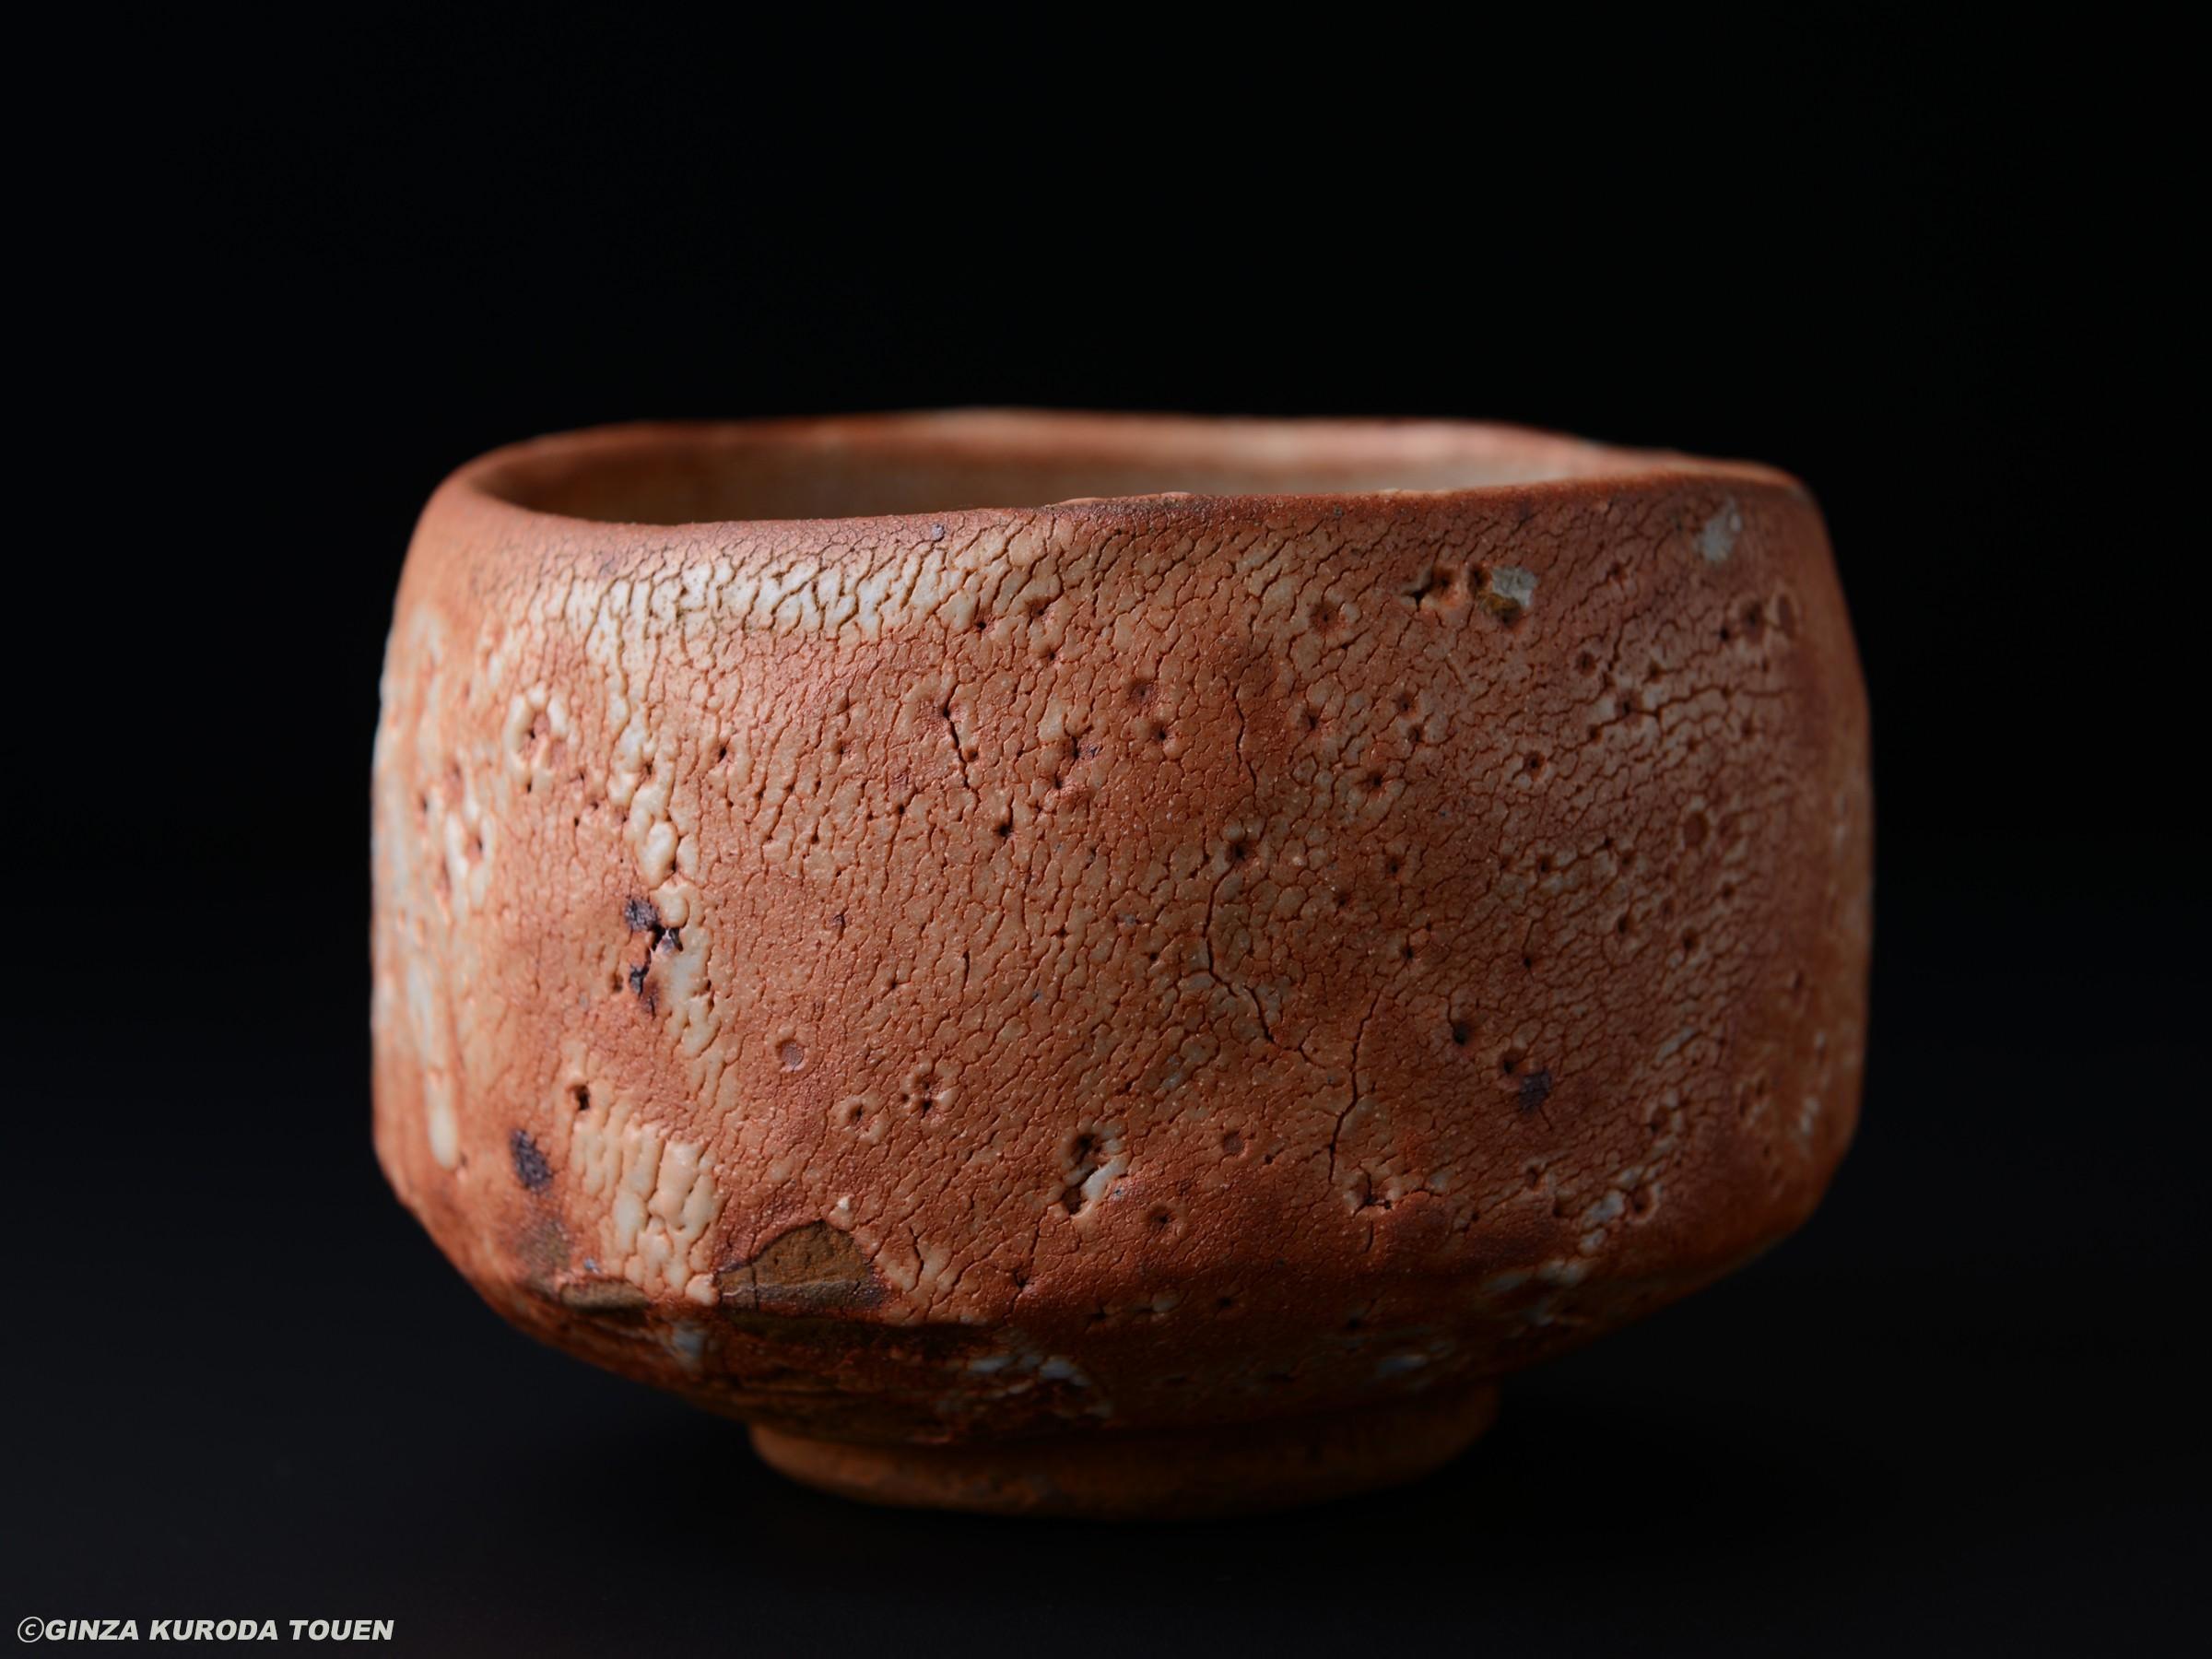 荒川豊藏 志野茶碗